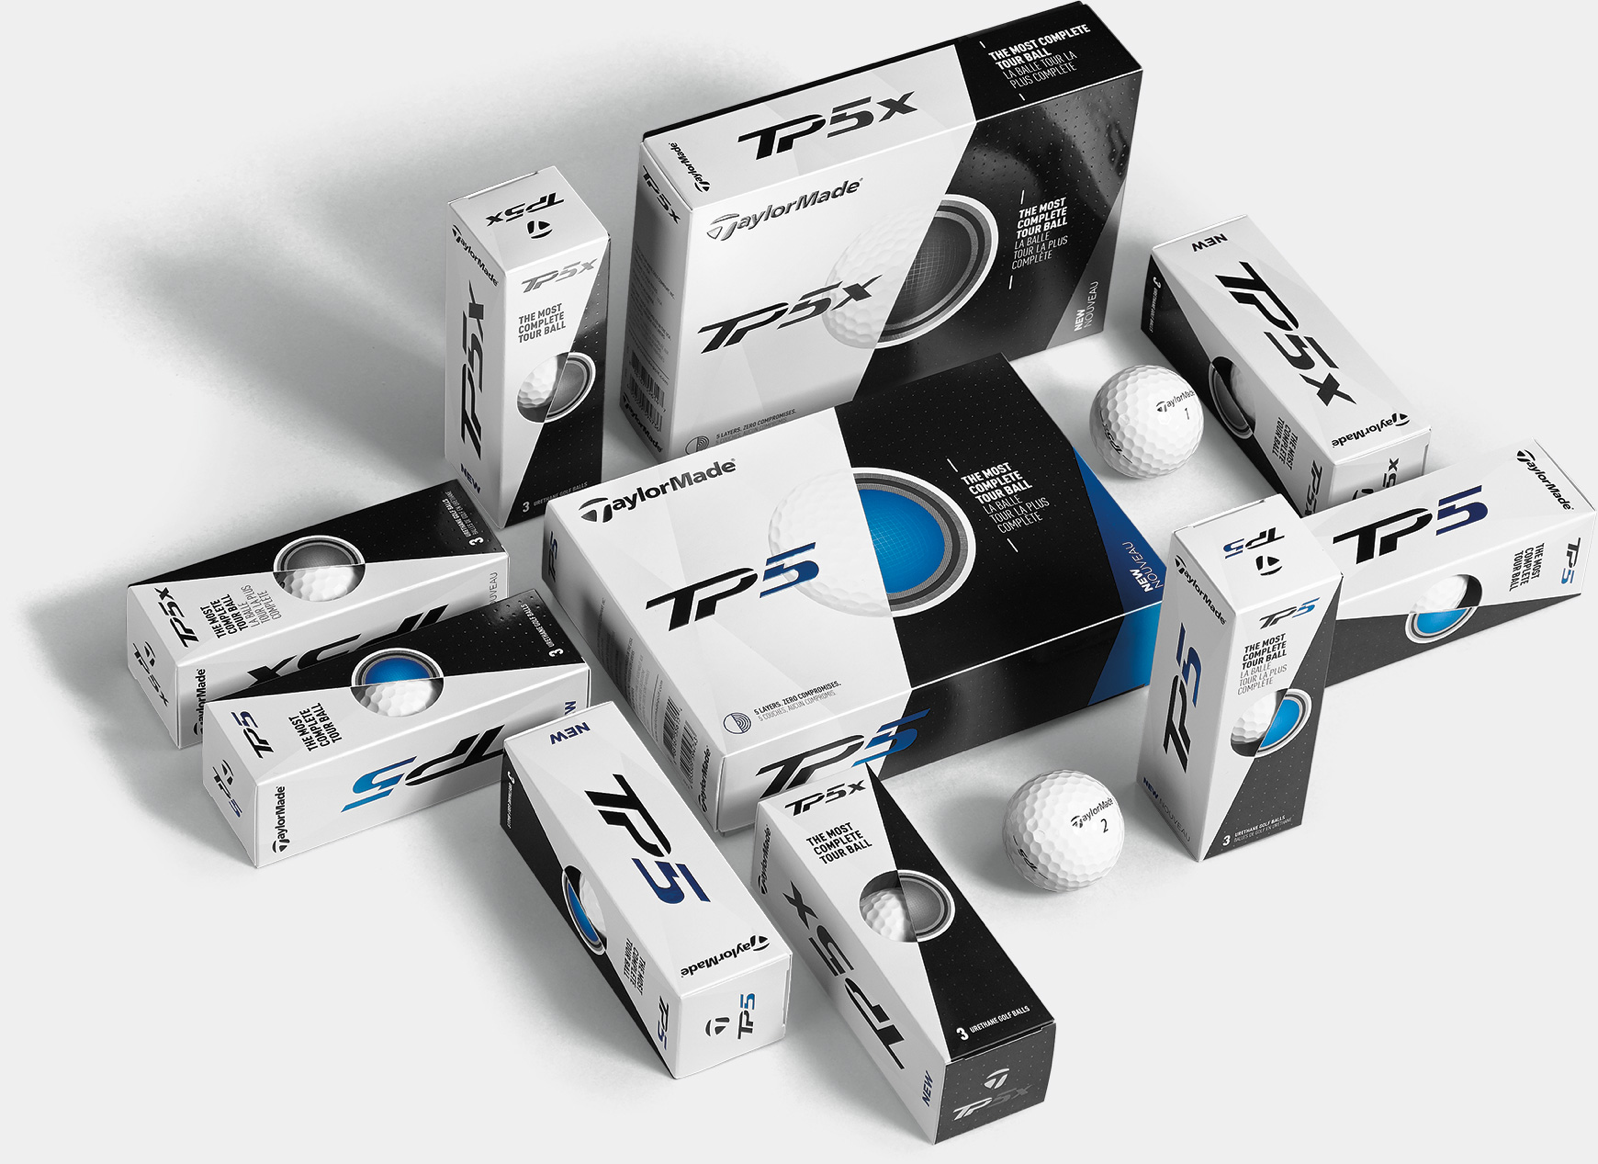 TP5/TP5x